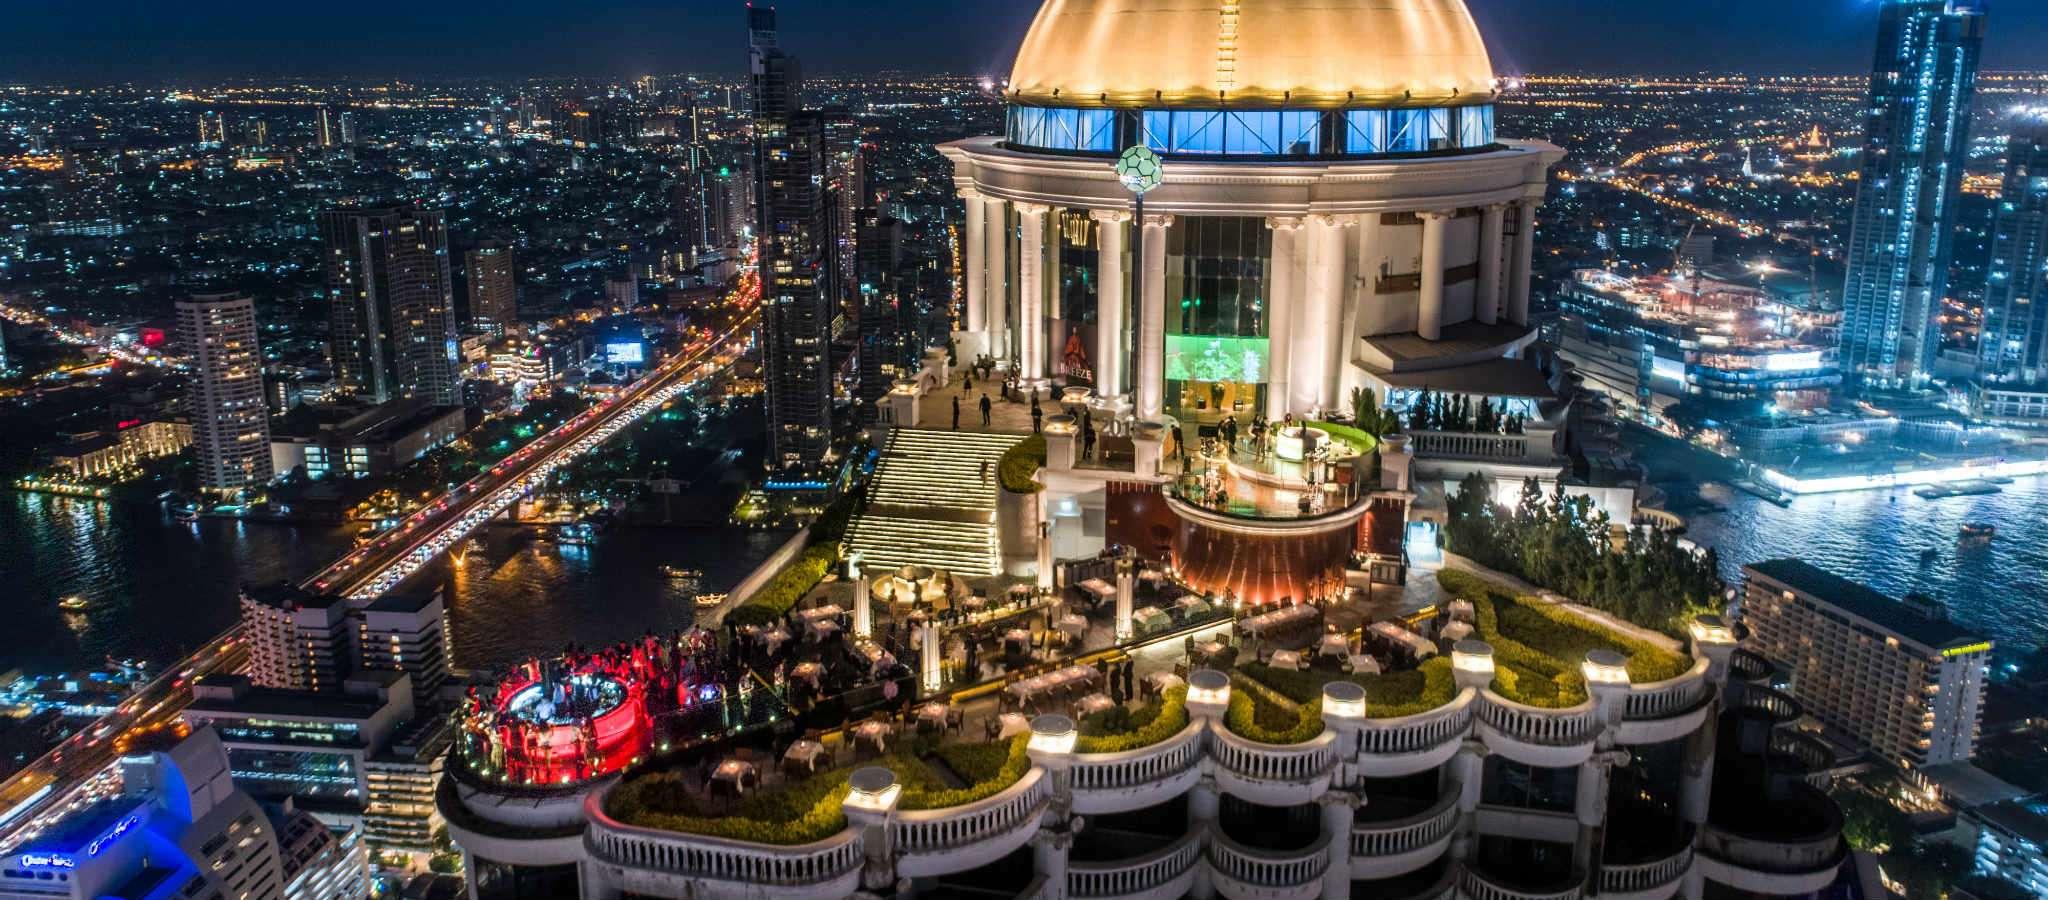 Lebua de Hangover Sky Bar bij nacht gefotografeerd vanuit de lucht